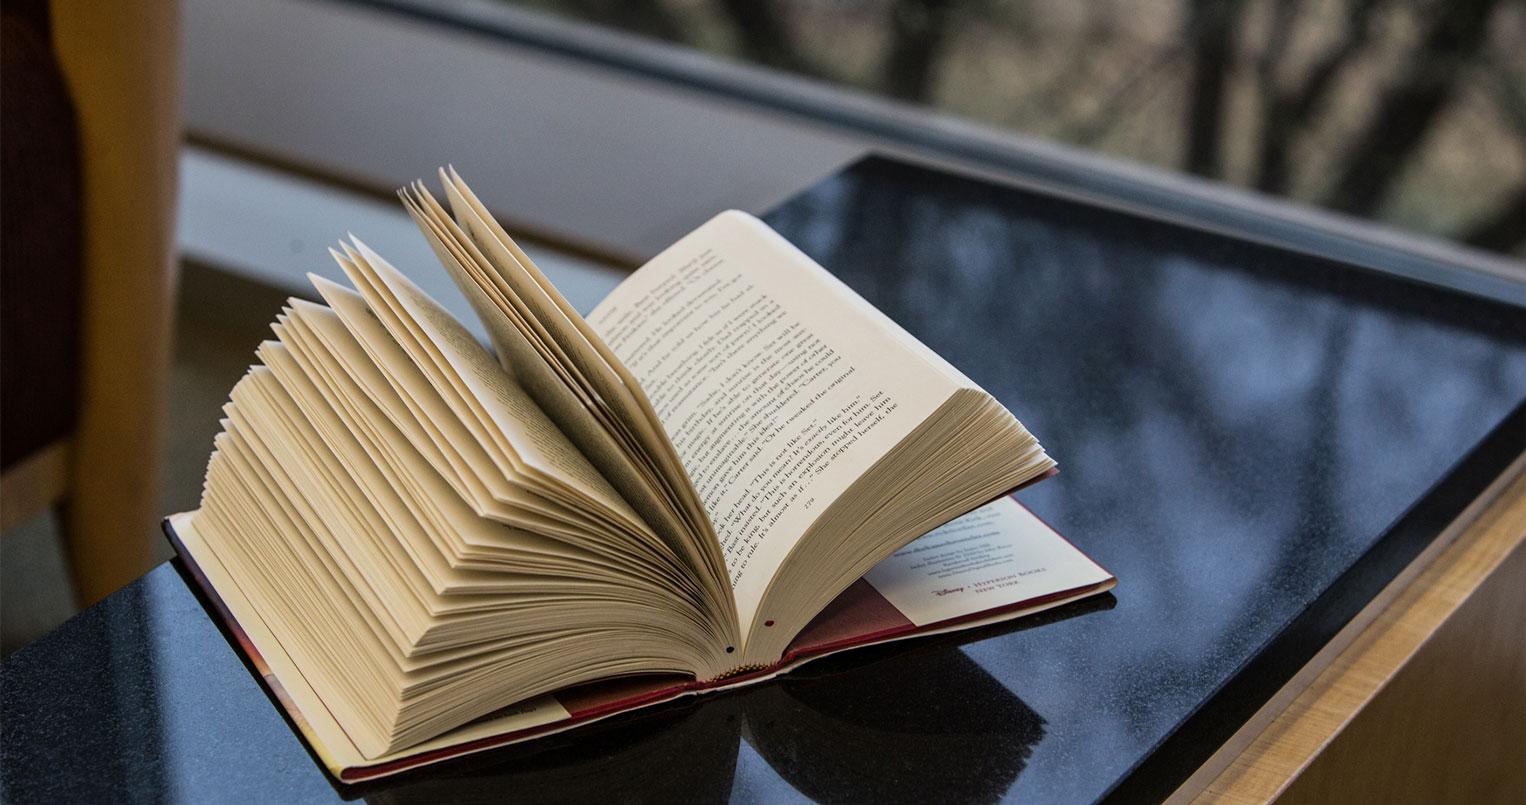 libro abierto en la mesa